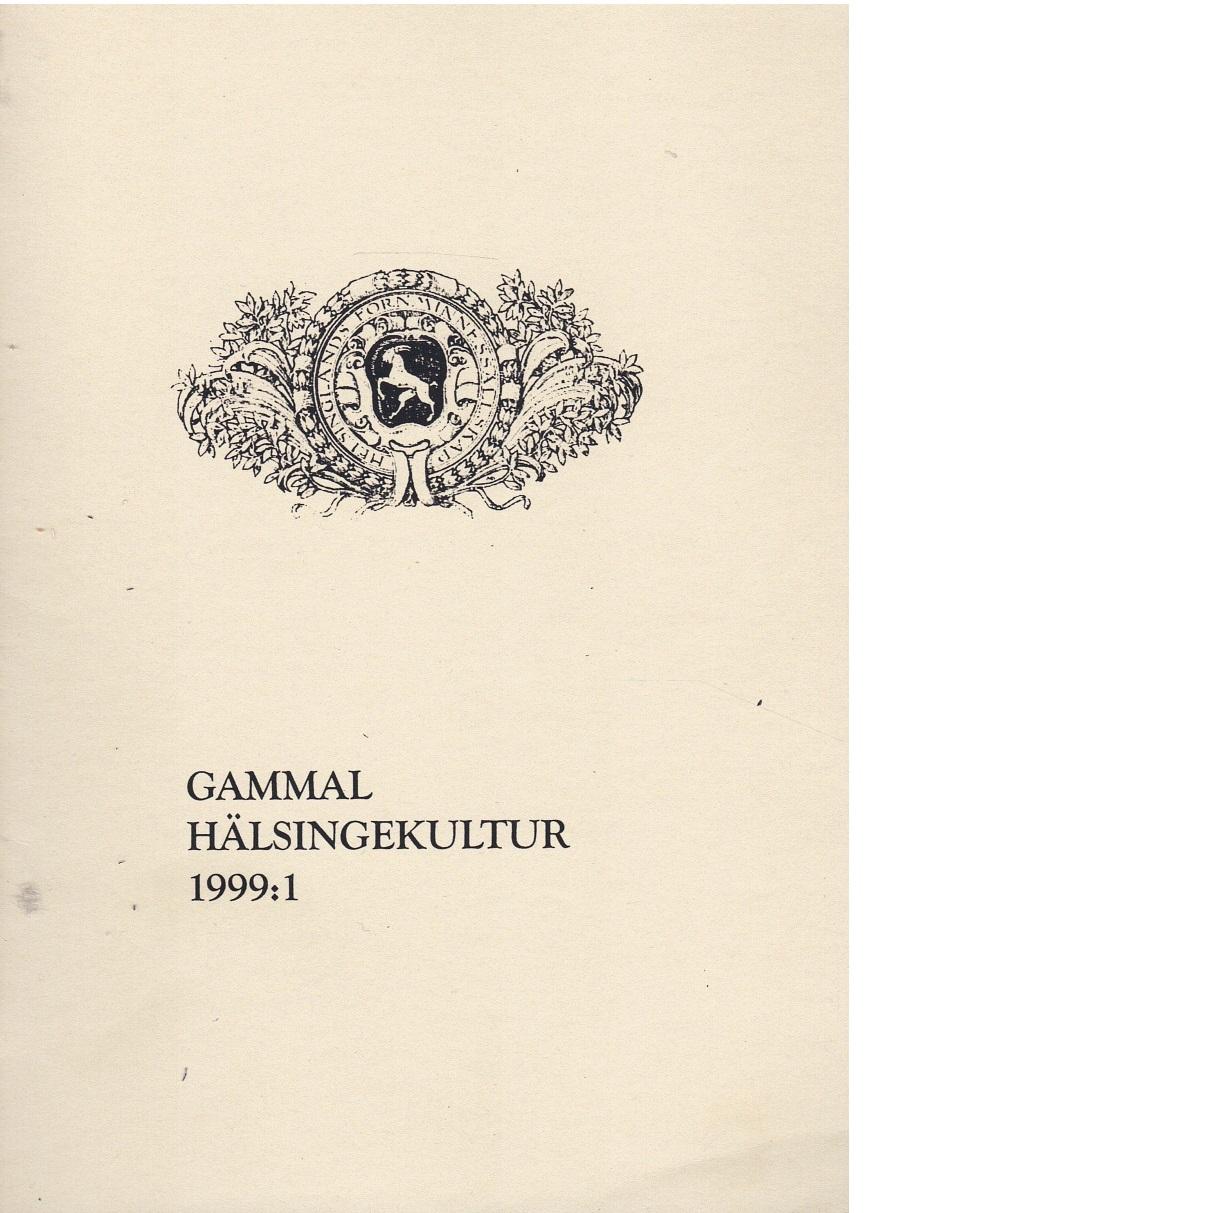 Gammal hälsingekultur : meddelanden från Hälsinglands fornminnessällskap 1999 nr 1 - Hälsinglands fornminnessällskap